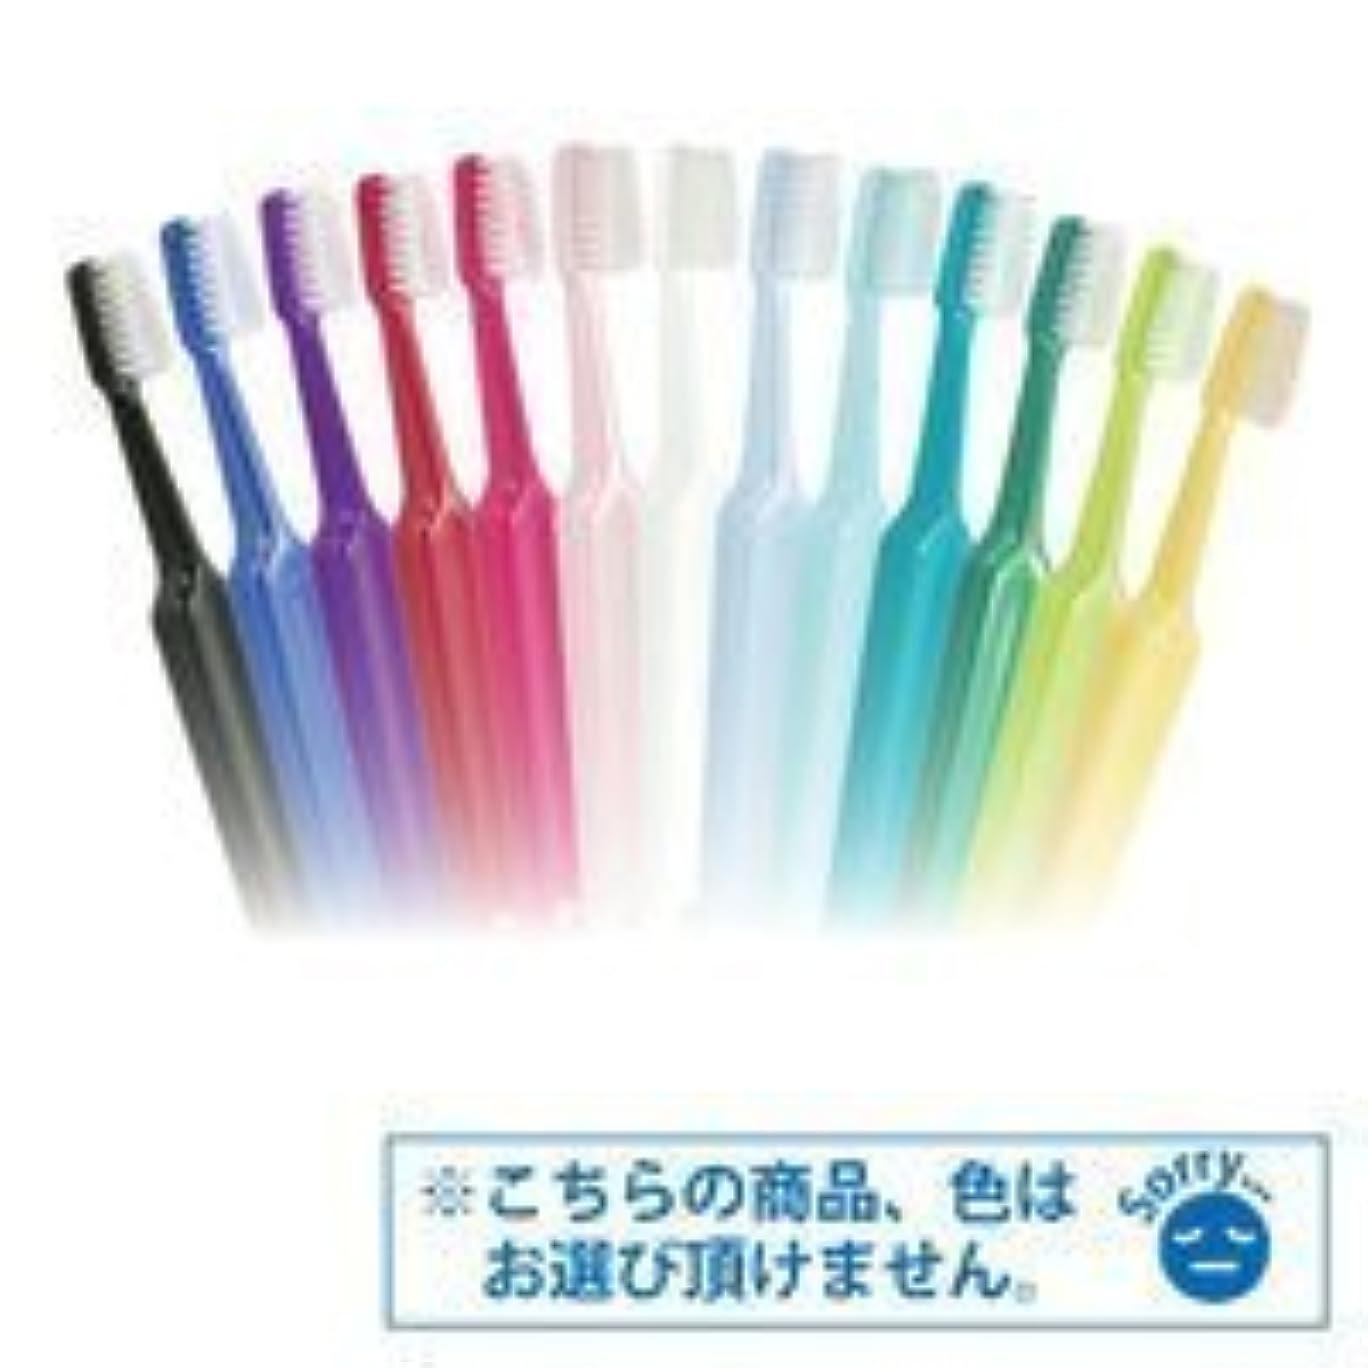 置換経歴心理的Tepe歯ブラシ セレクトミニ/エクストラソフト 5本入り